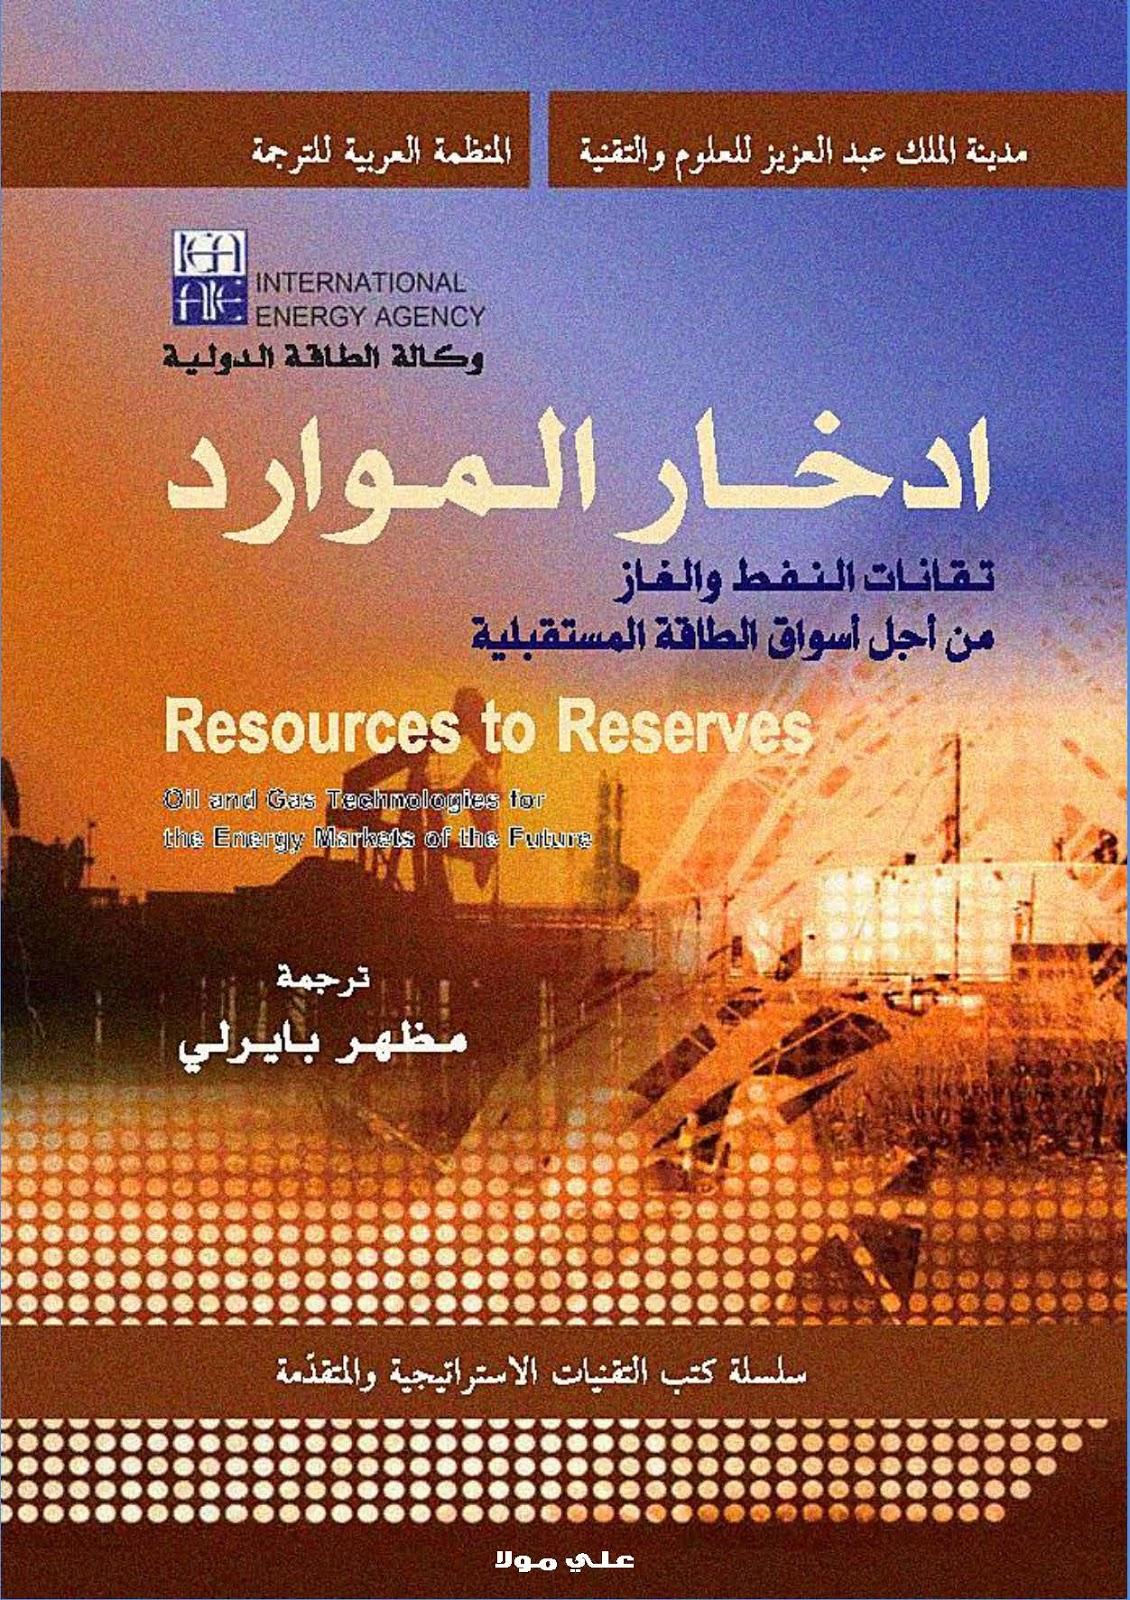 صورة كتاب ادخار الموارد – وكالة الطاقة الدولية